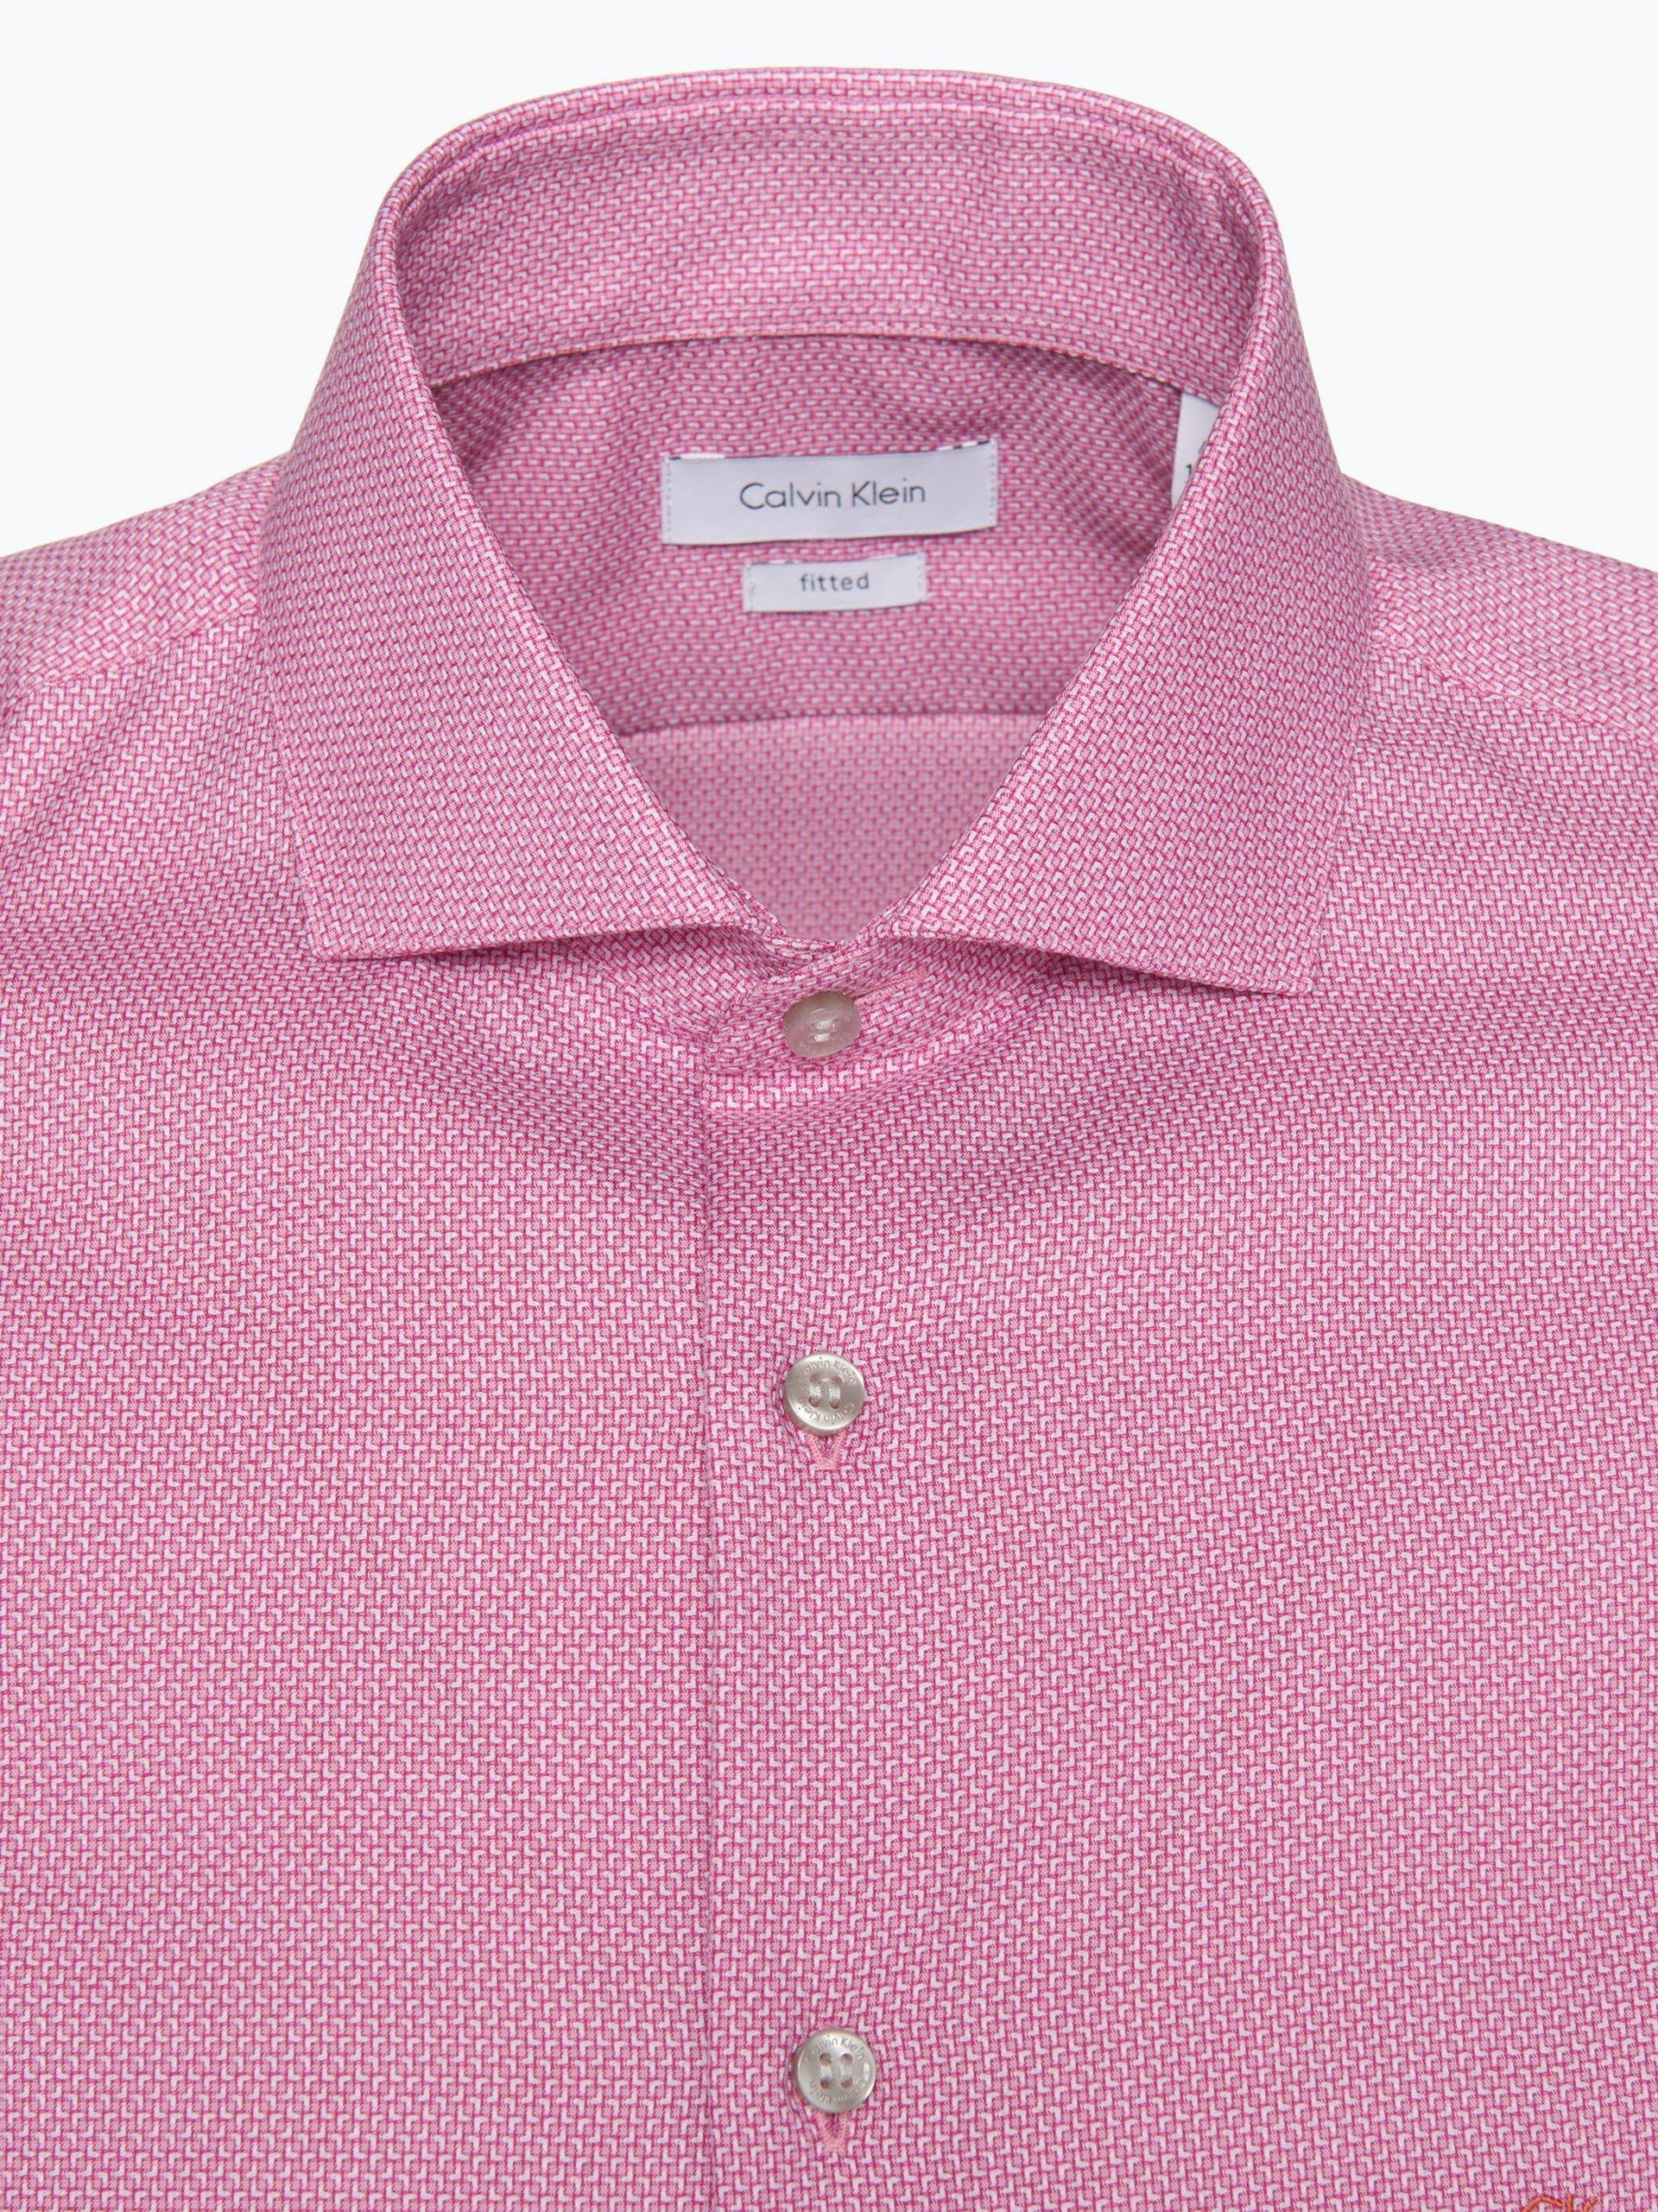 Calvin Klein Herren Hemd Bügelleicht